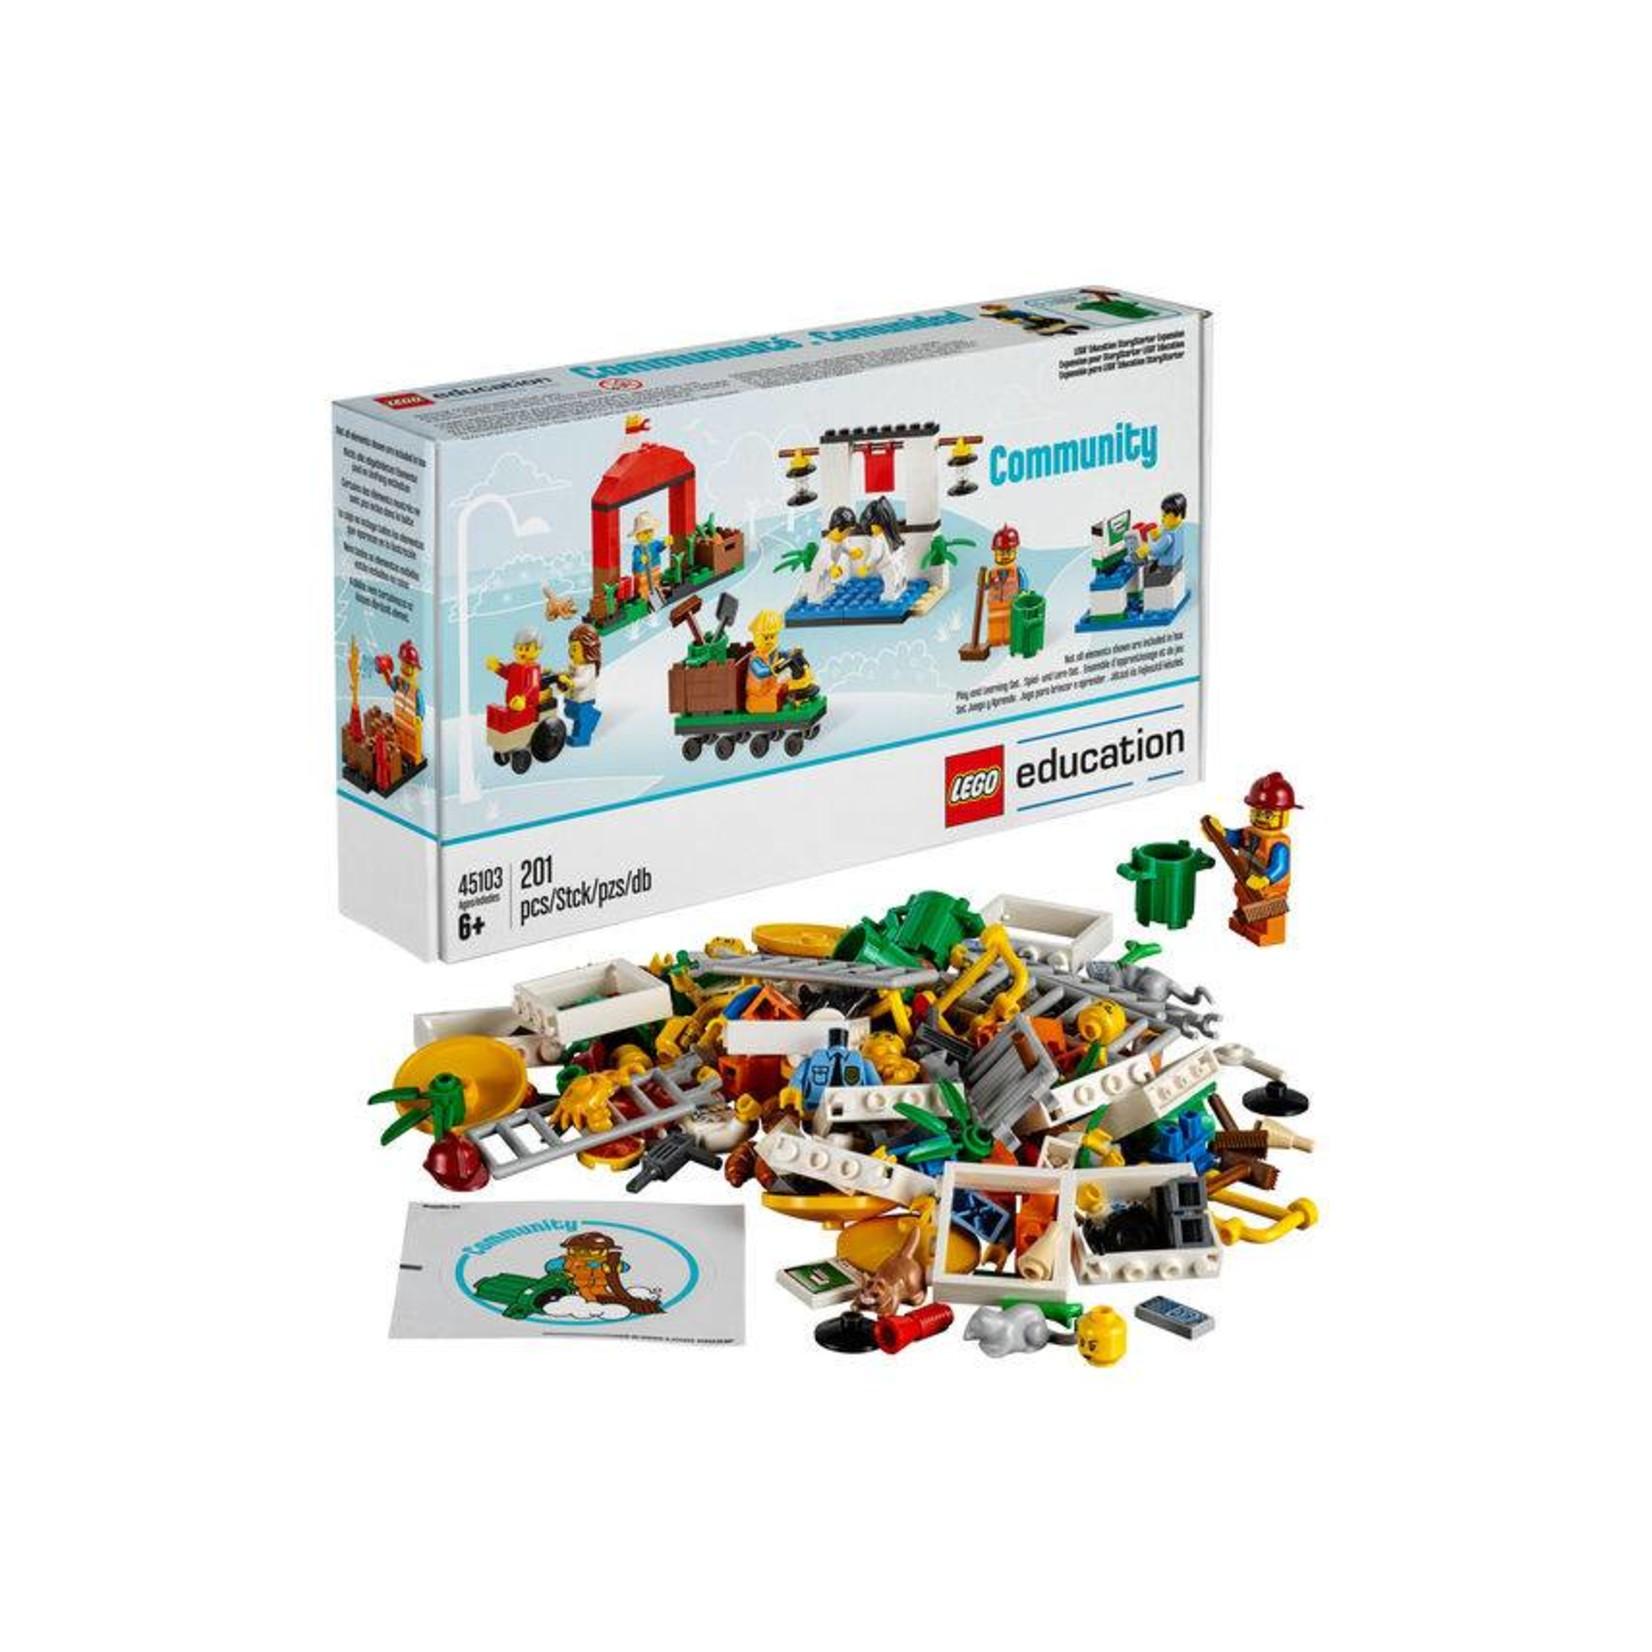 LEGO® Education Community Expansion Set